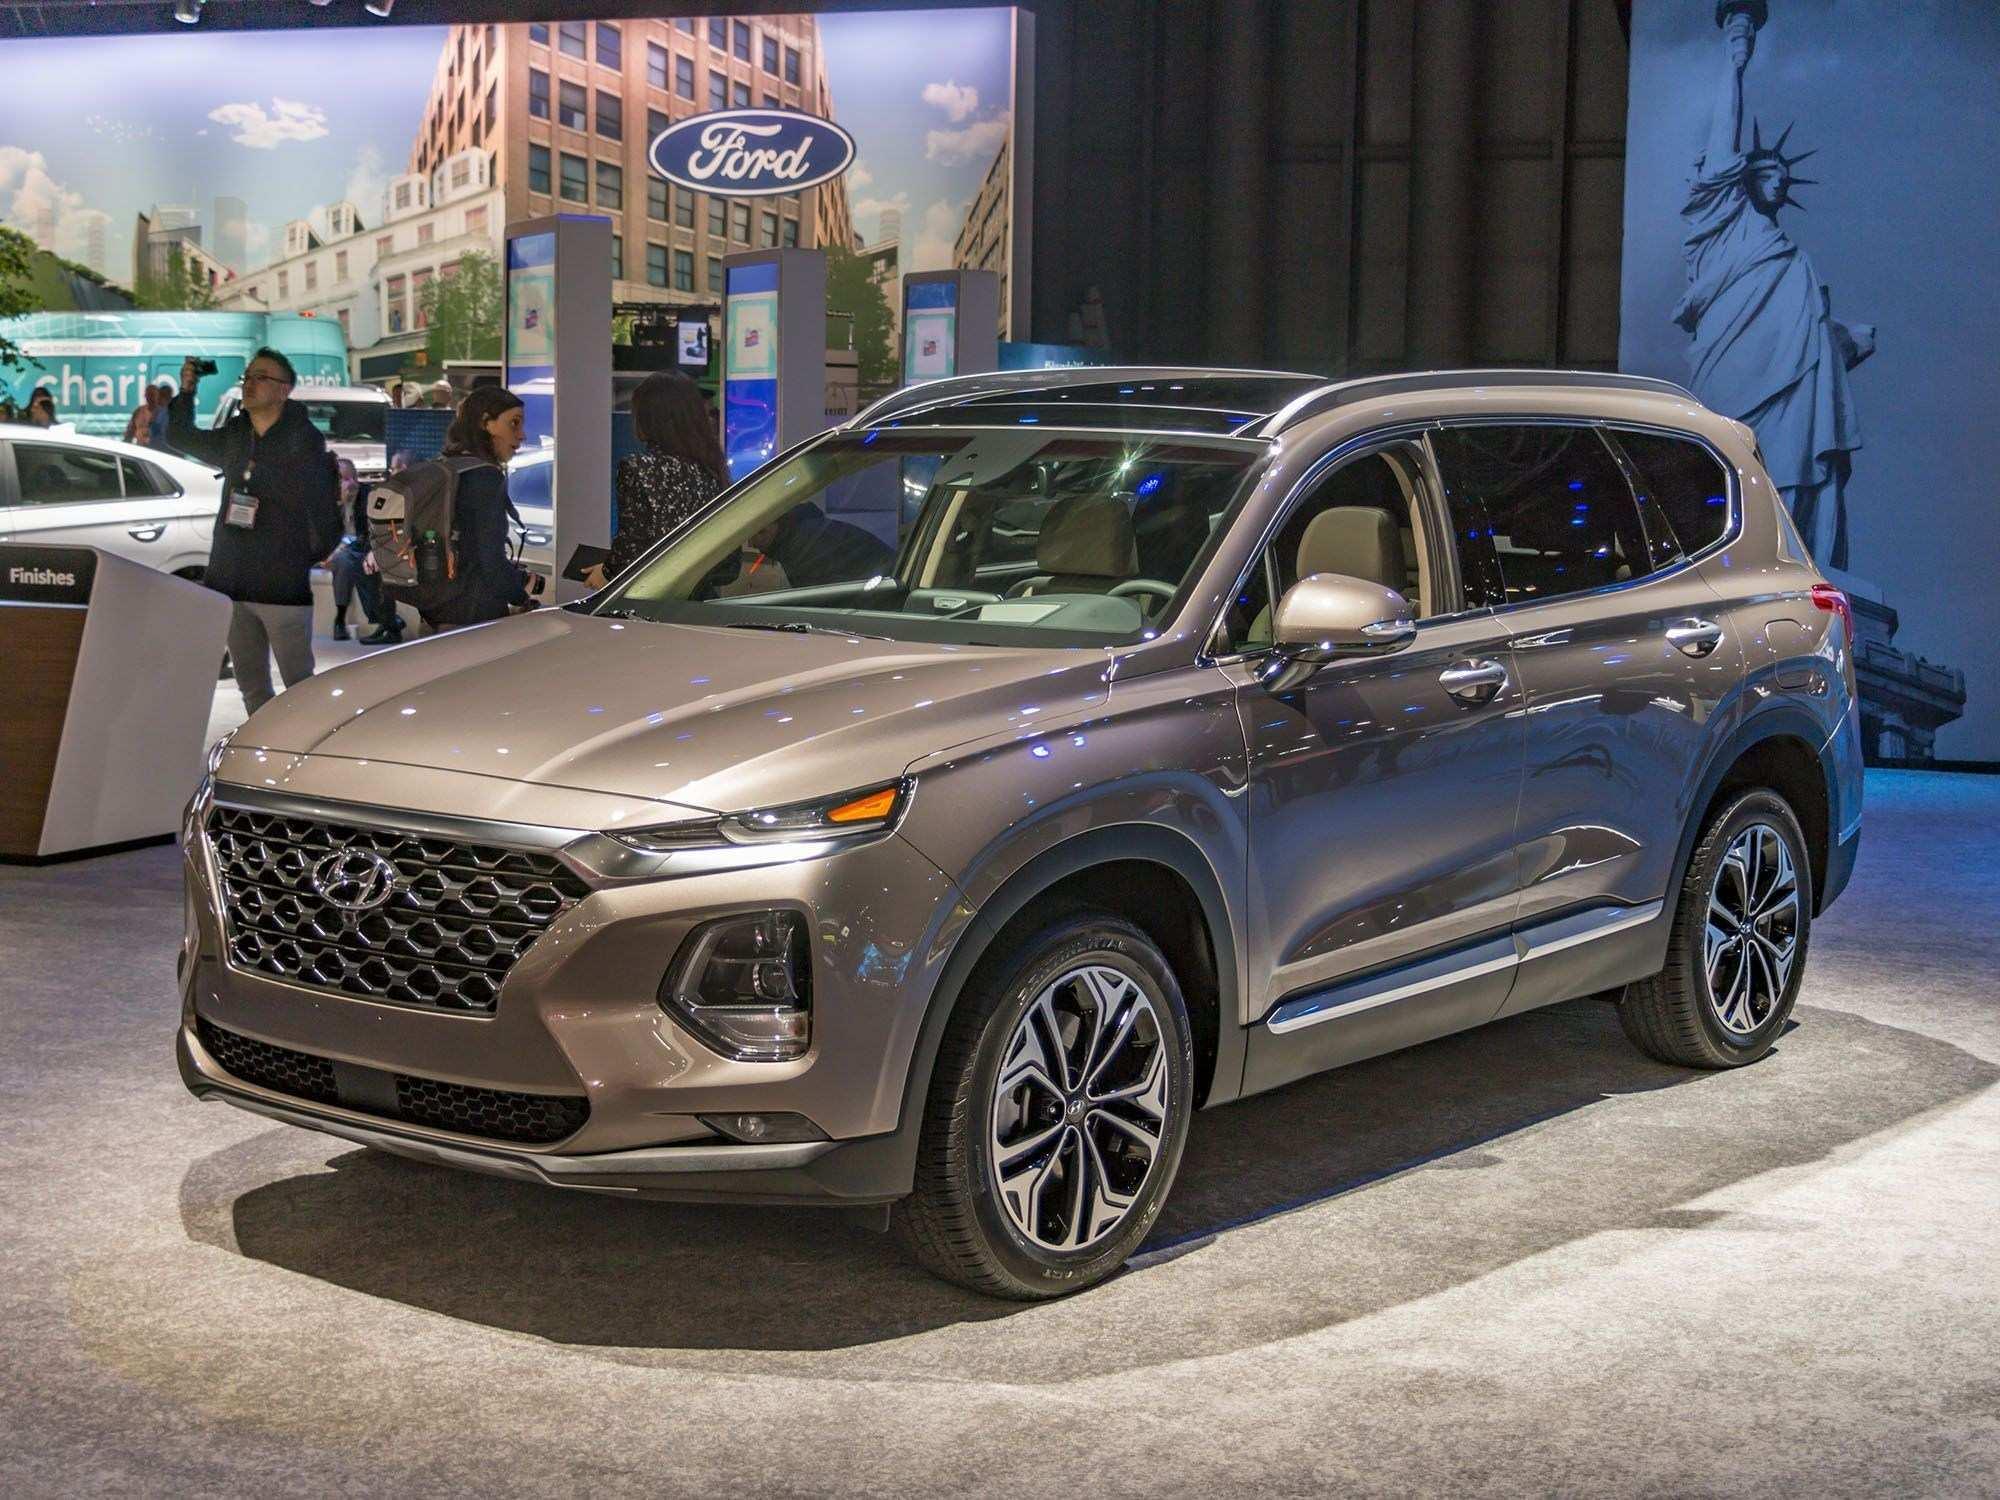 90 Gallery of Hyundai Santa Cruz 2020 Redesign for Hyundai Santa Cruz 2020